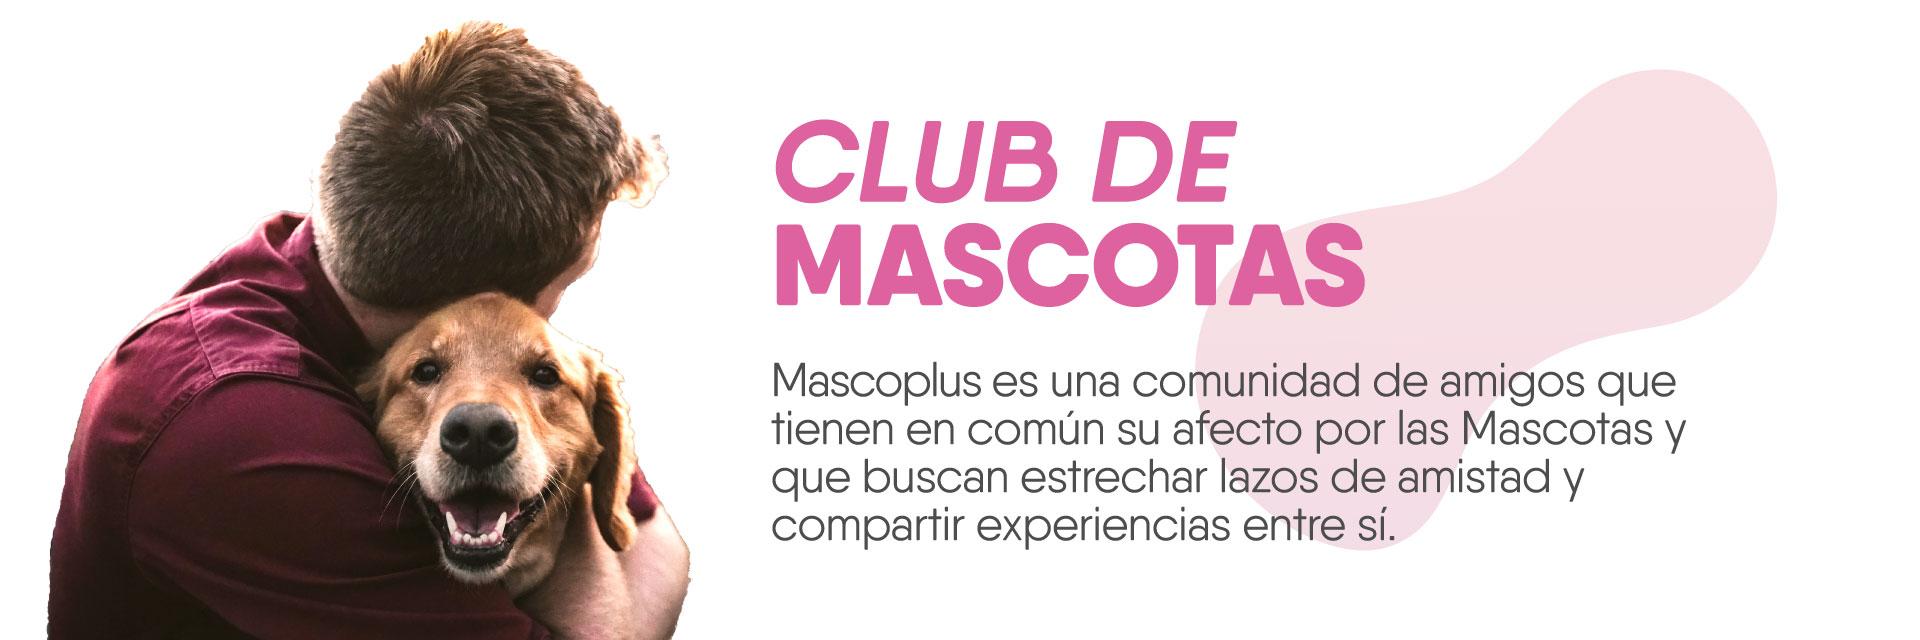 Club de Mascotas